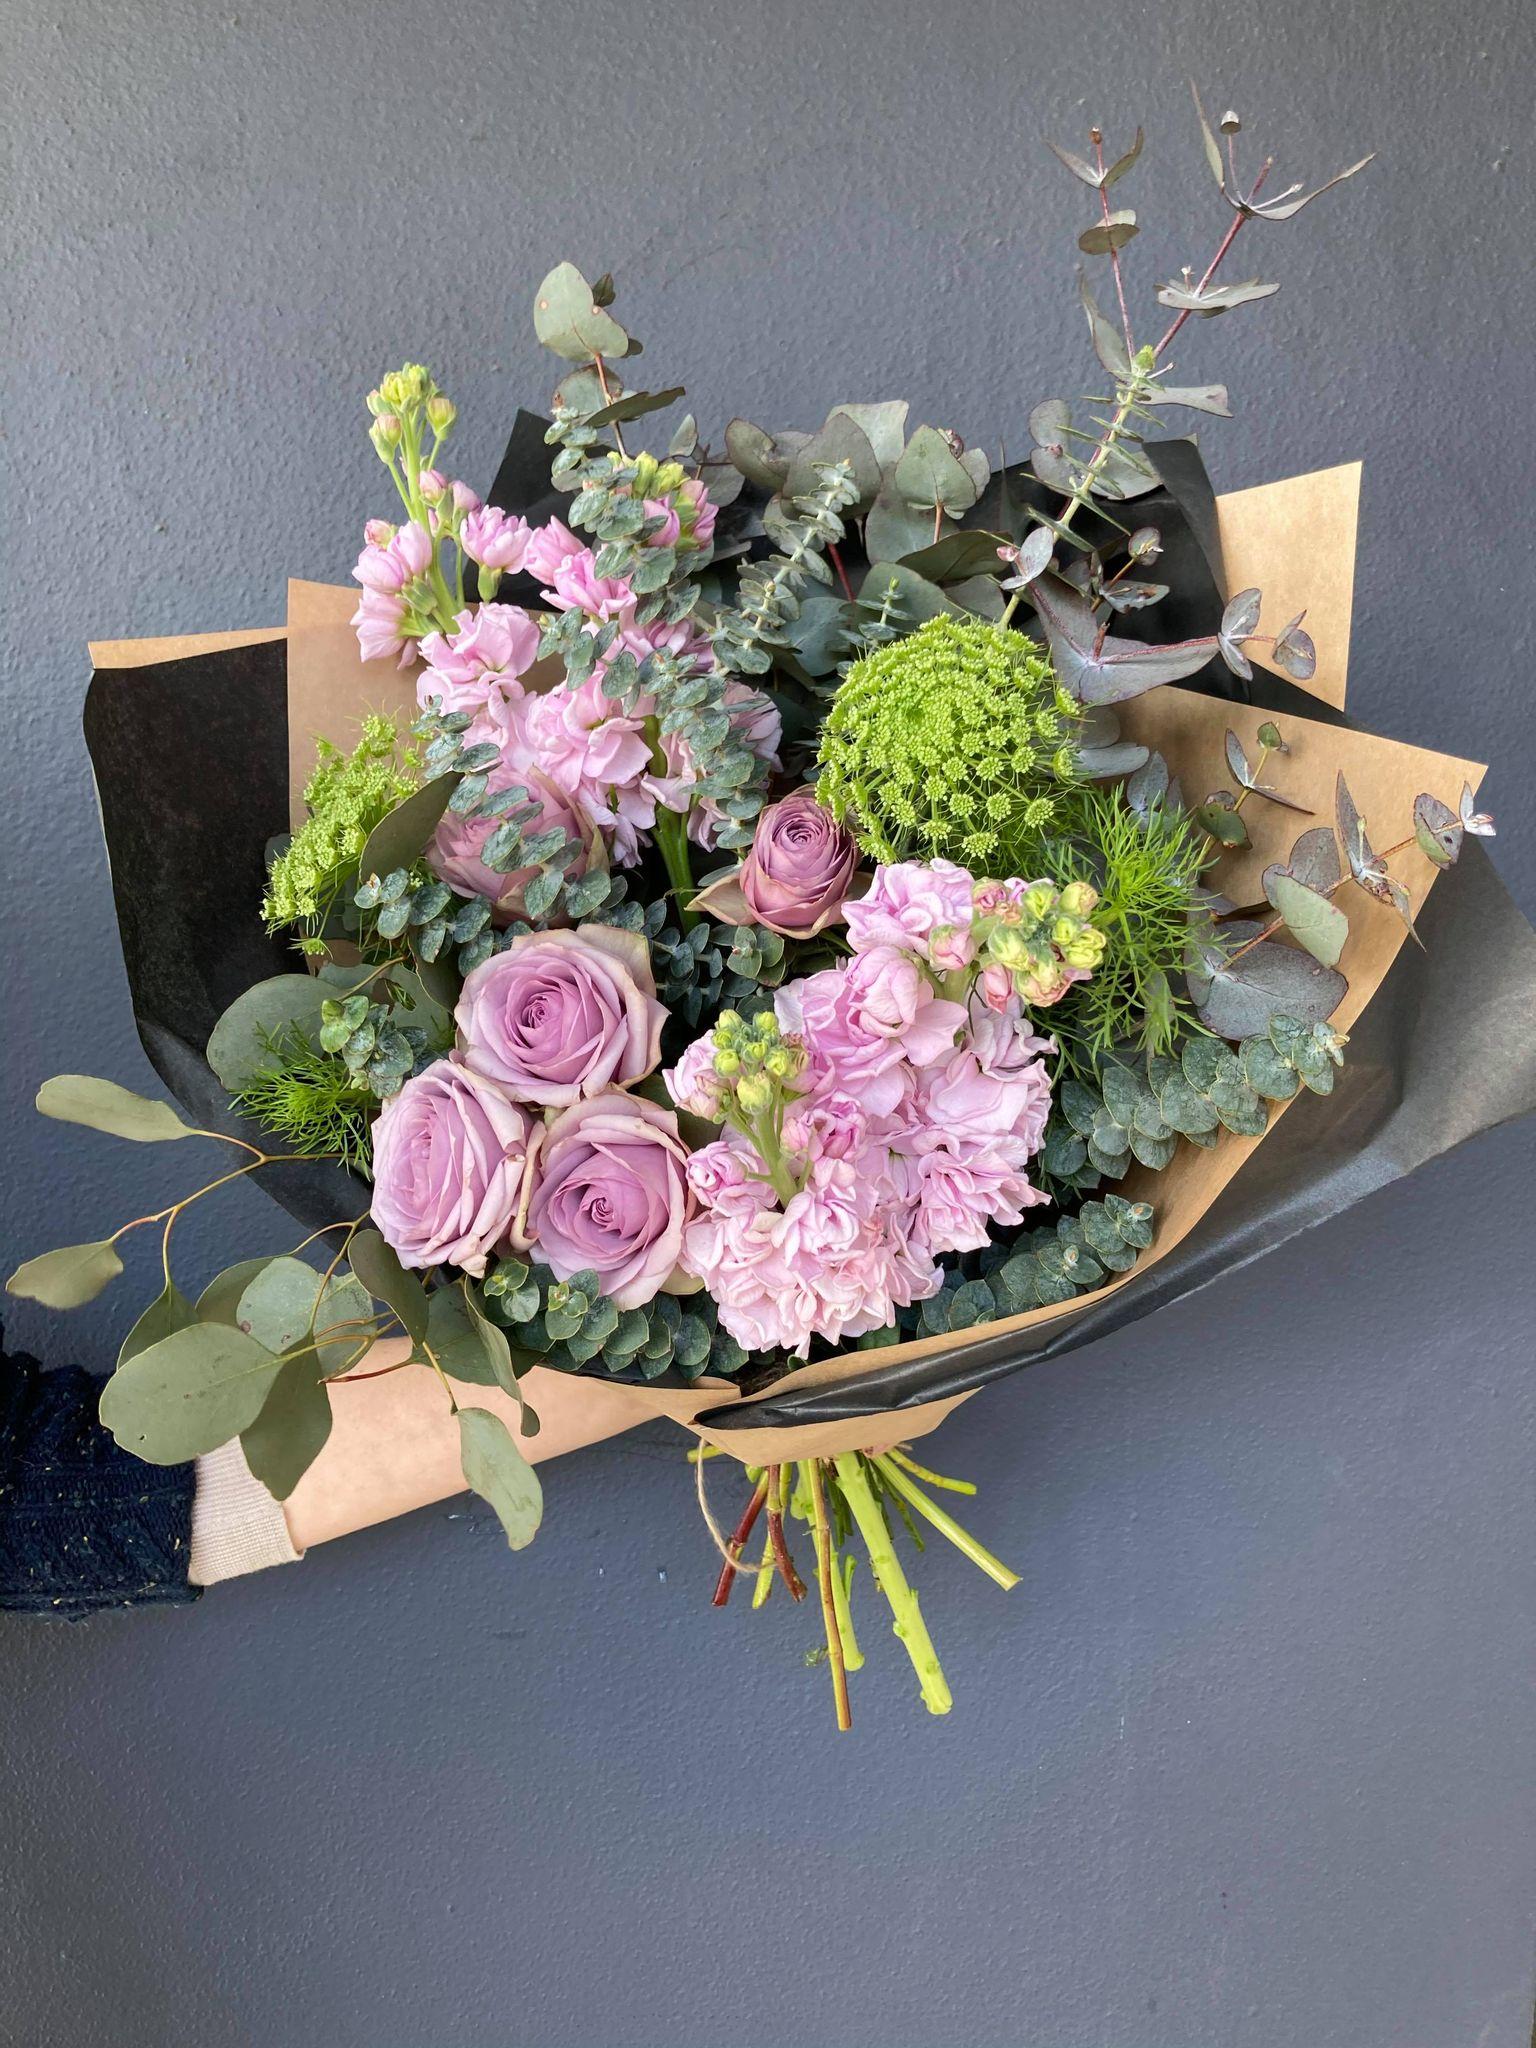 Medium Rose Bouquet - $65